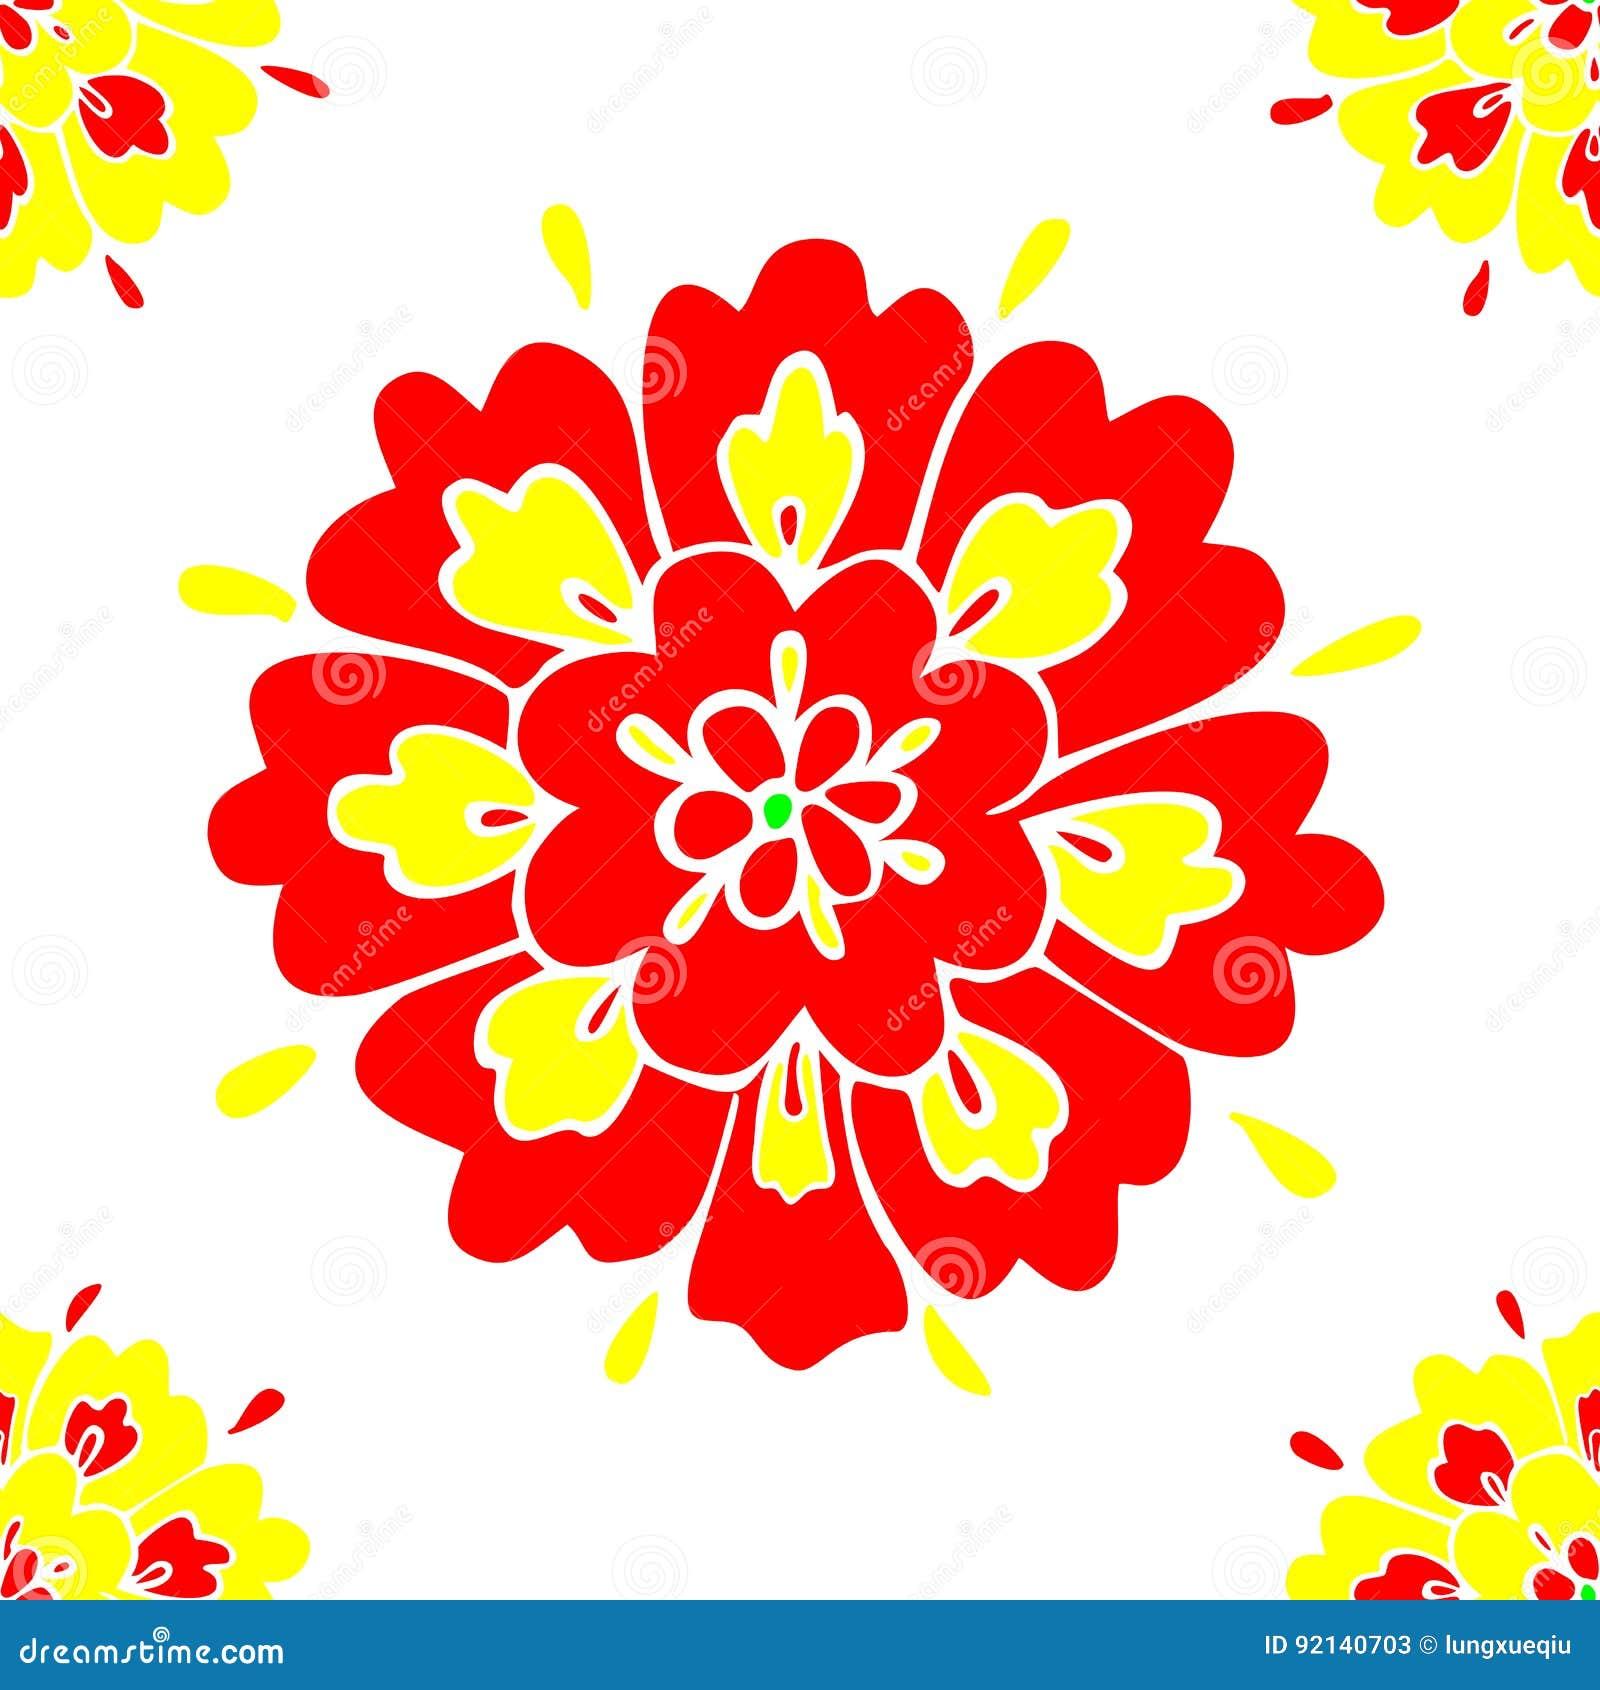 Modello floreale senza cuciture con il vettore rosso e giallo dei petali